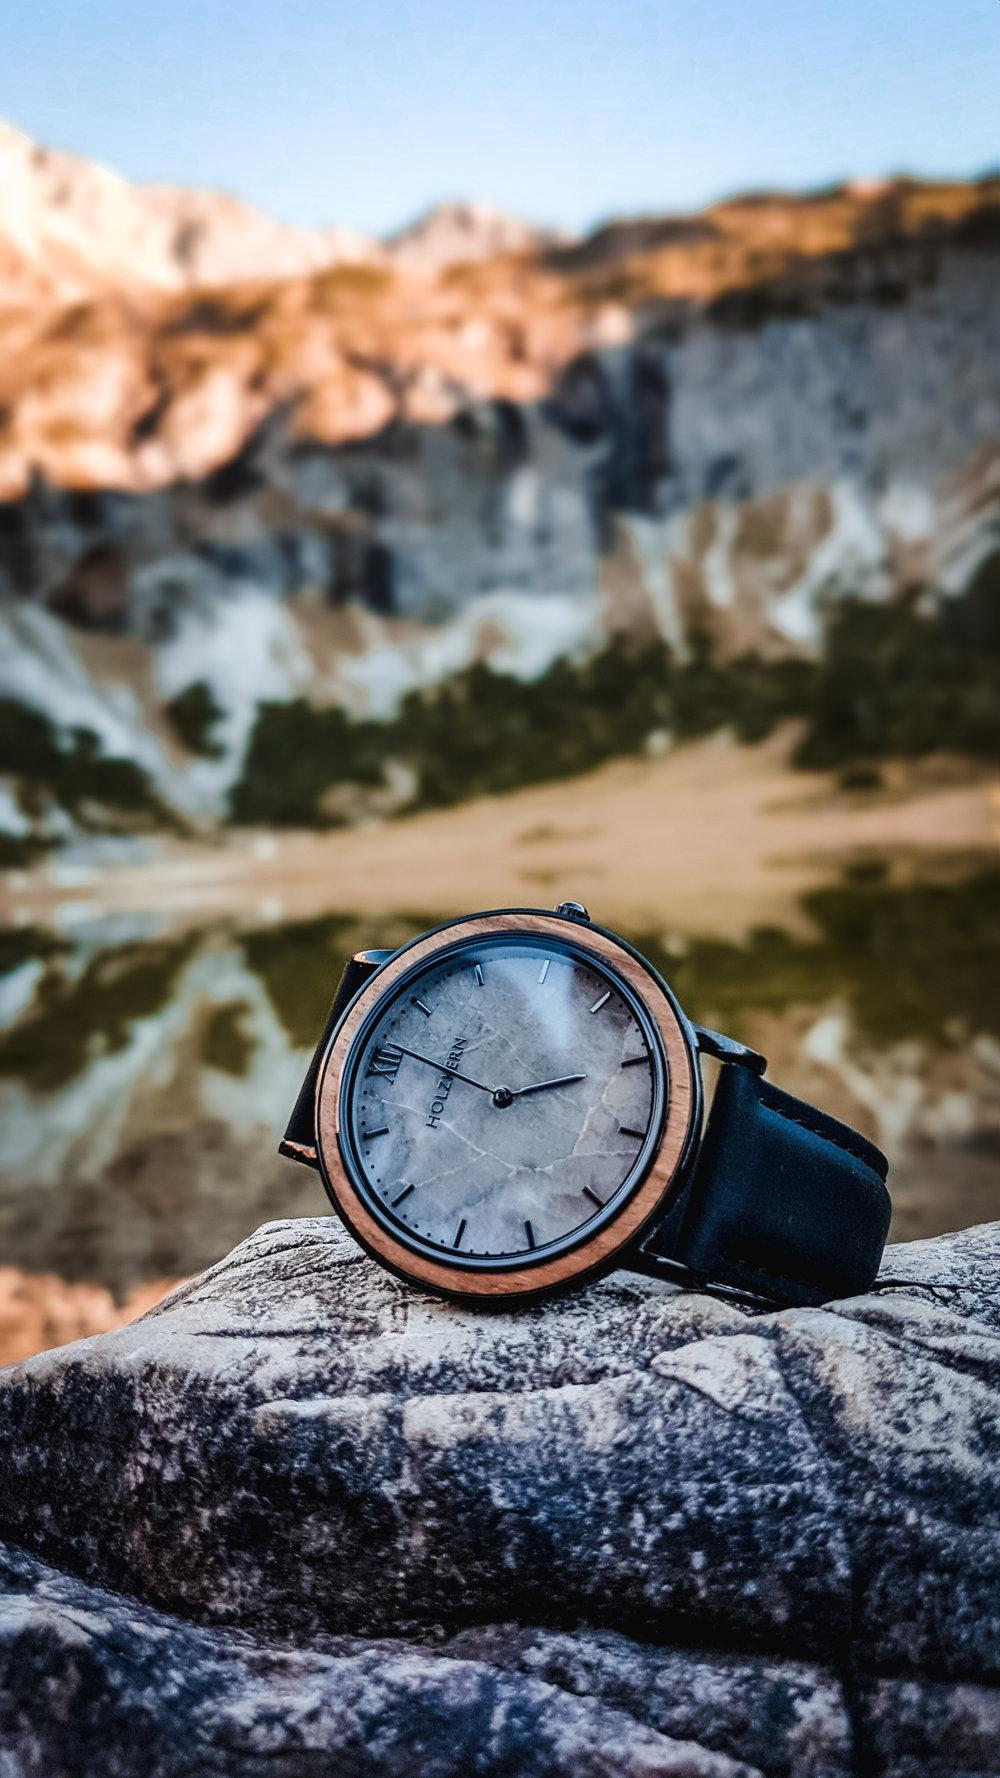 Gaisalpsee Holzkern Uhr-170251.jpg